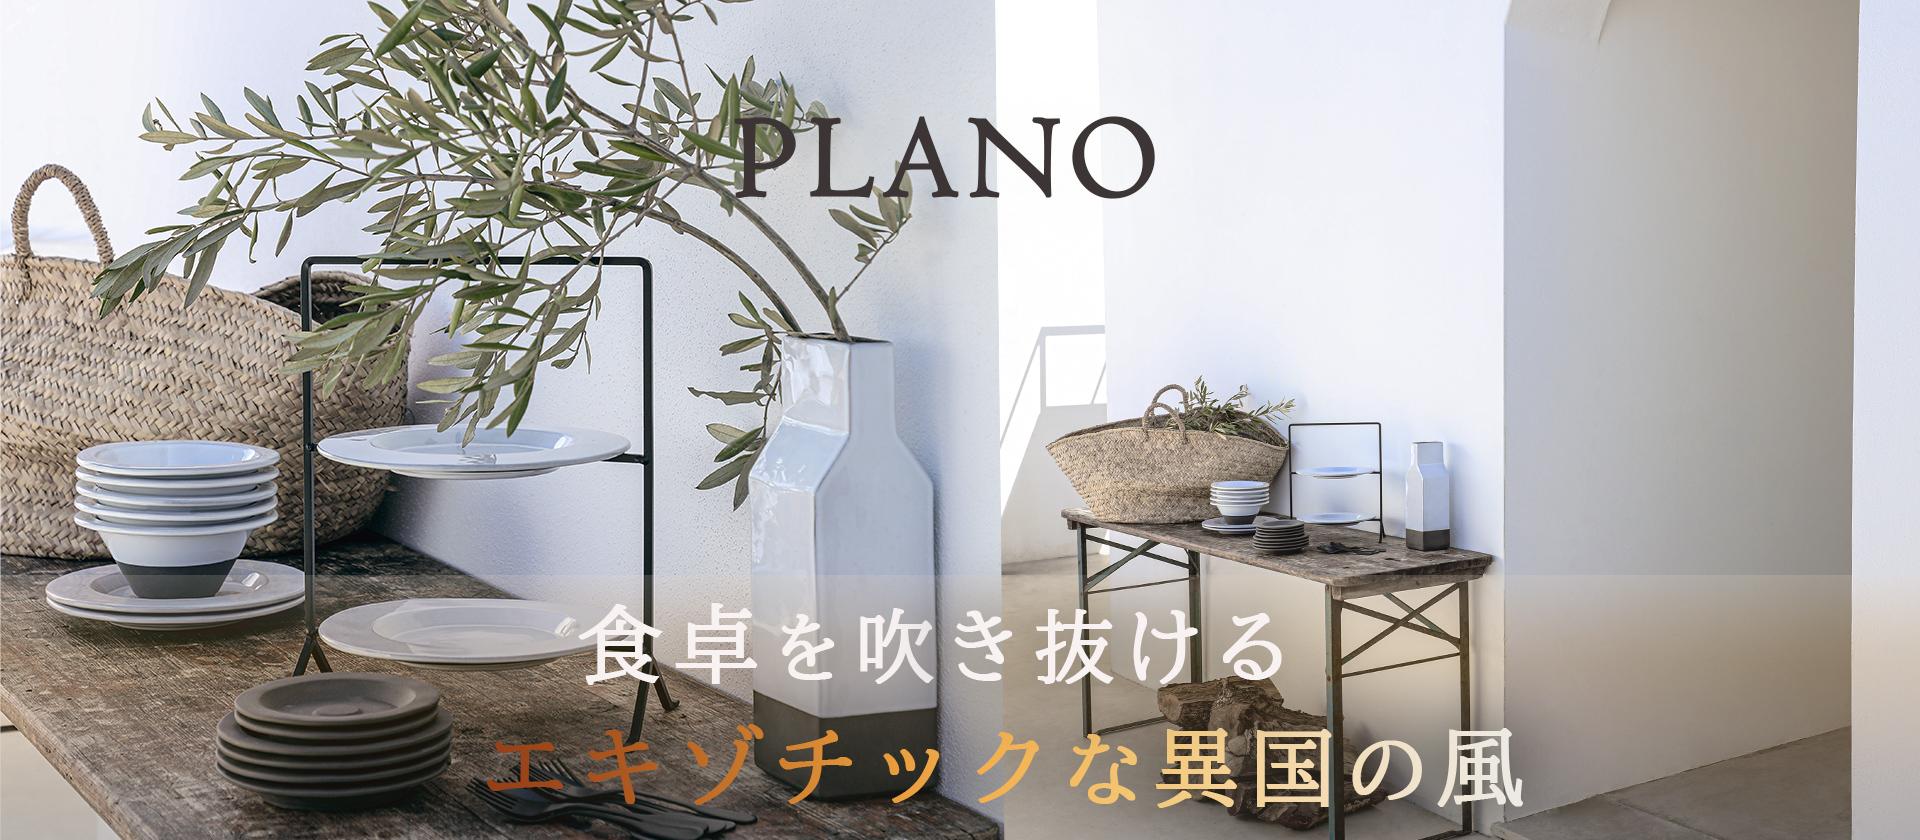 黒土から作られた素焼きの陶器のような力強いテイストが魅力のプラーノシリーズ。